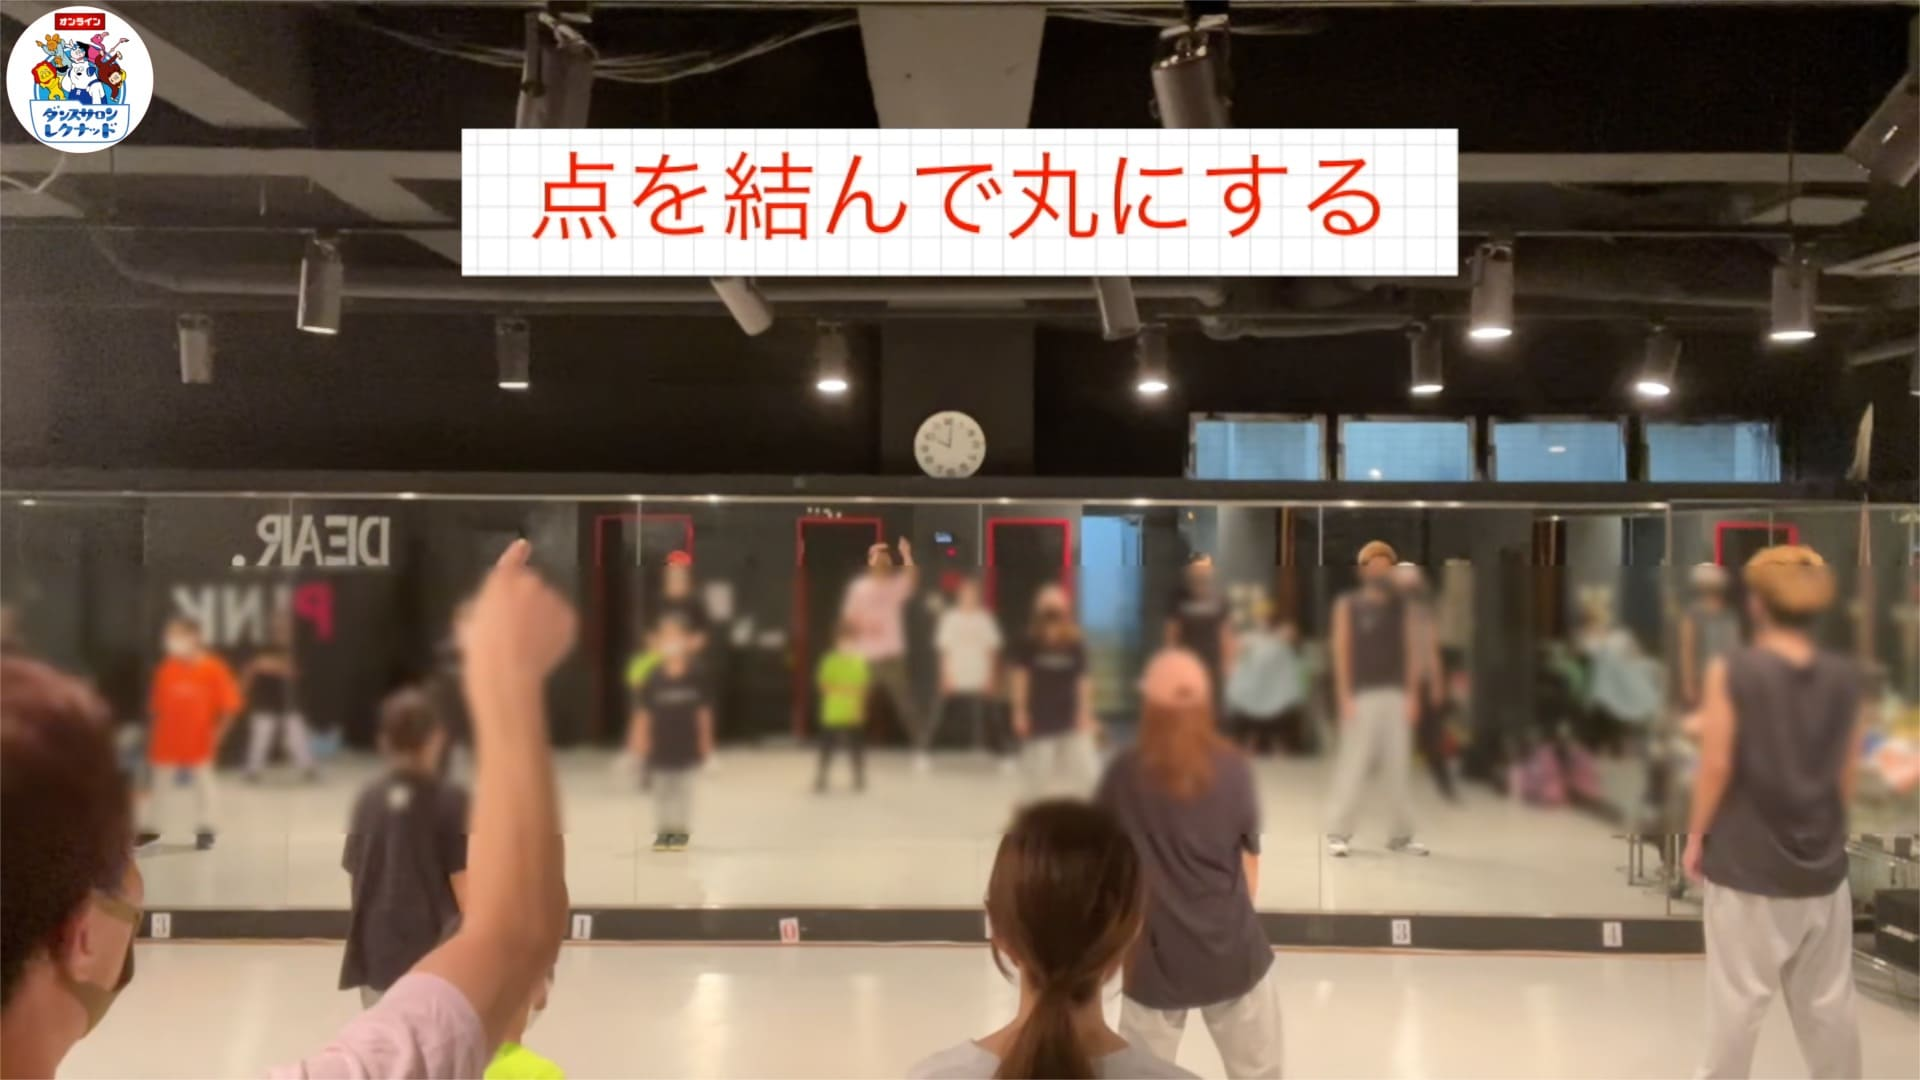 【 ダンスの教科書 】プロが指導 ボディロール